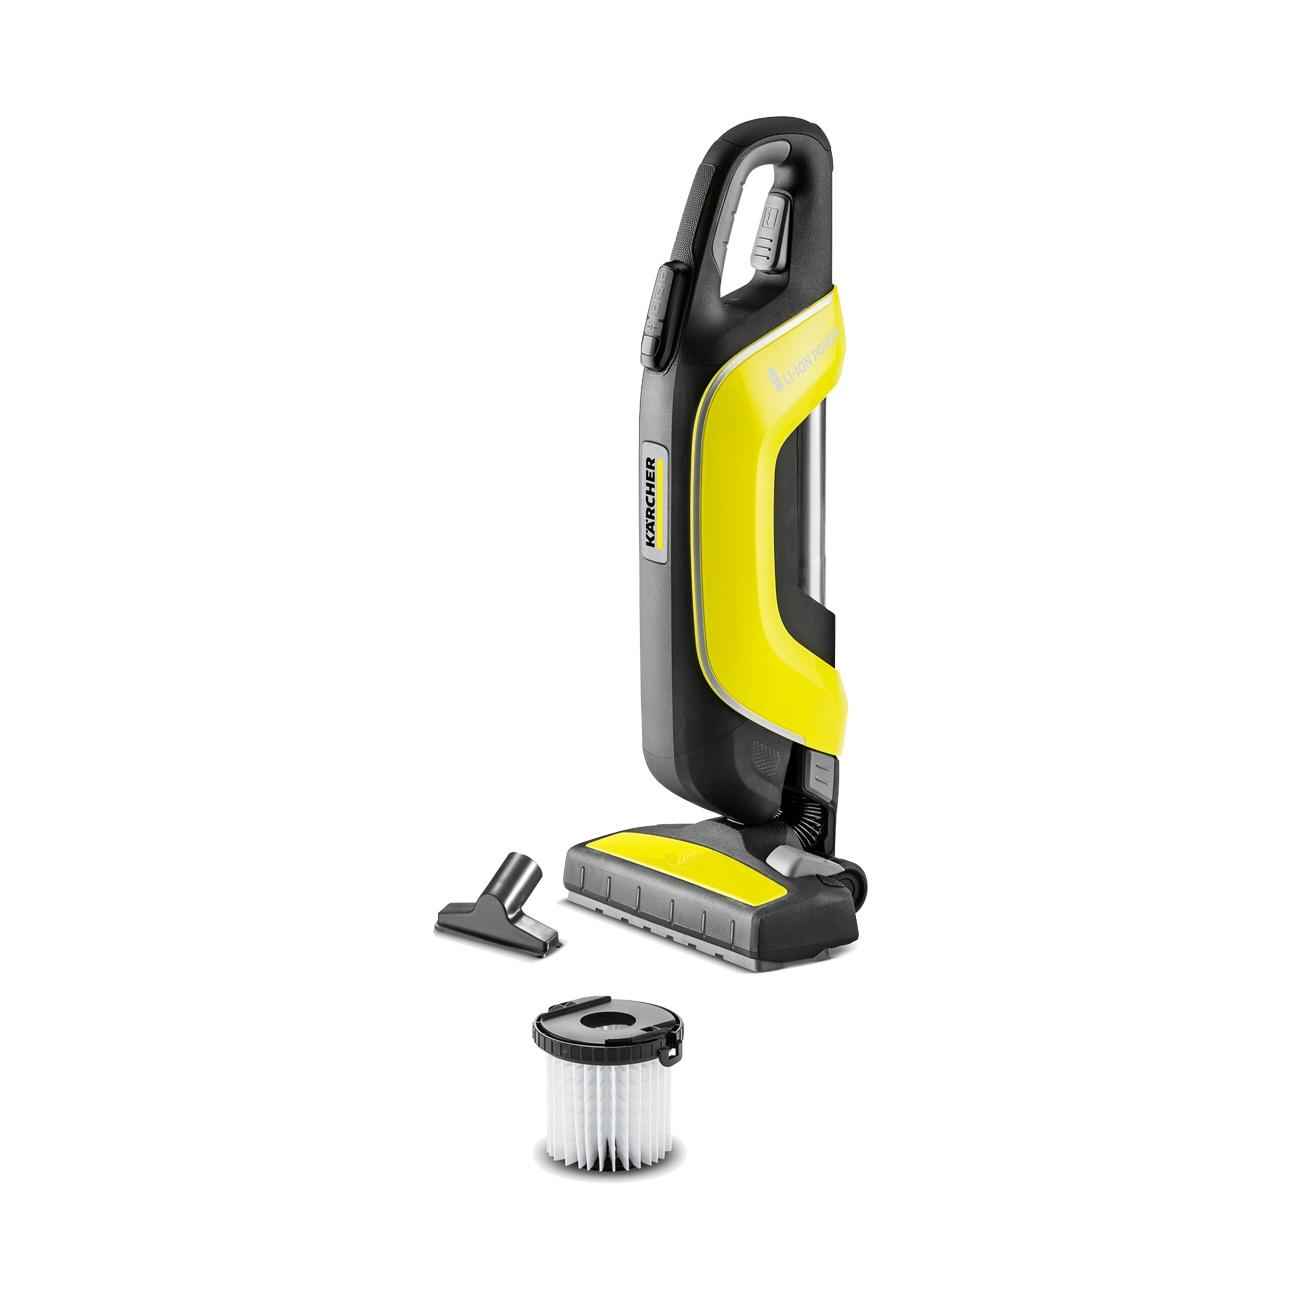 Karcher VC 5 Cordless vacuum cleaner